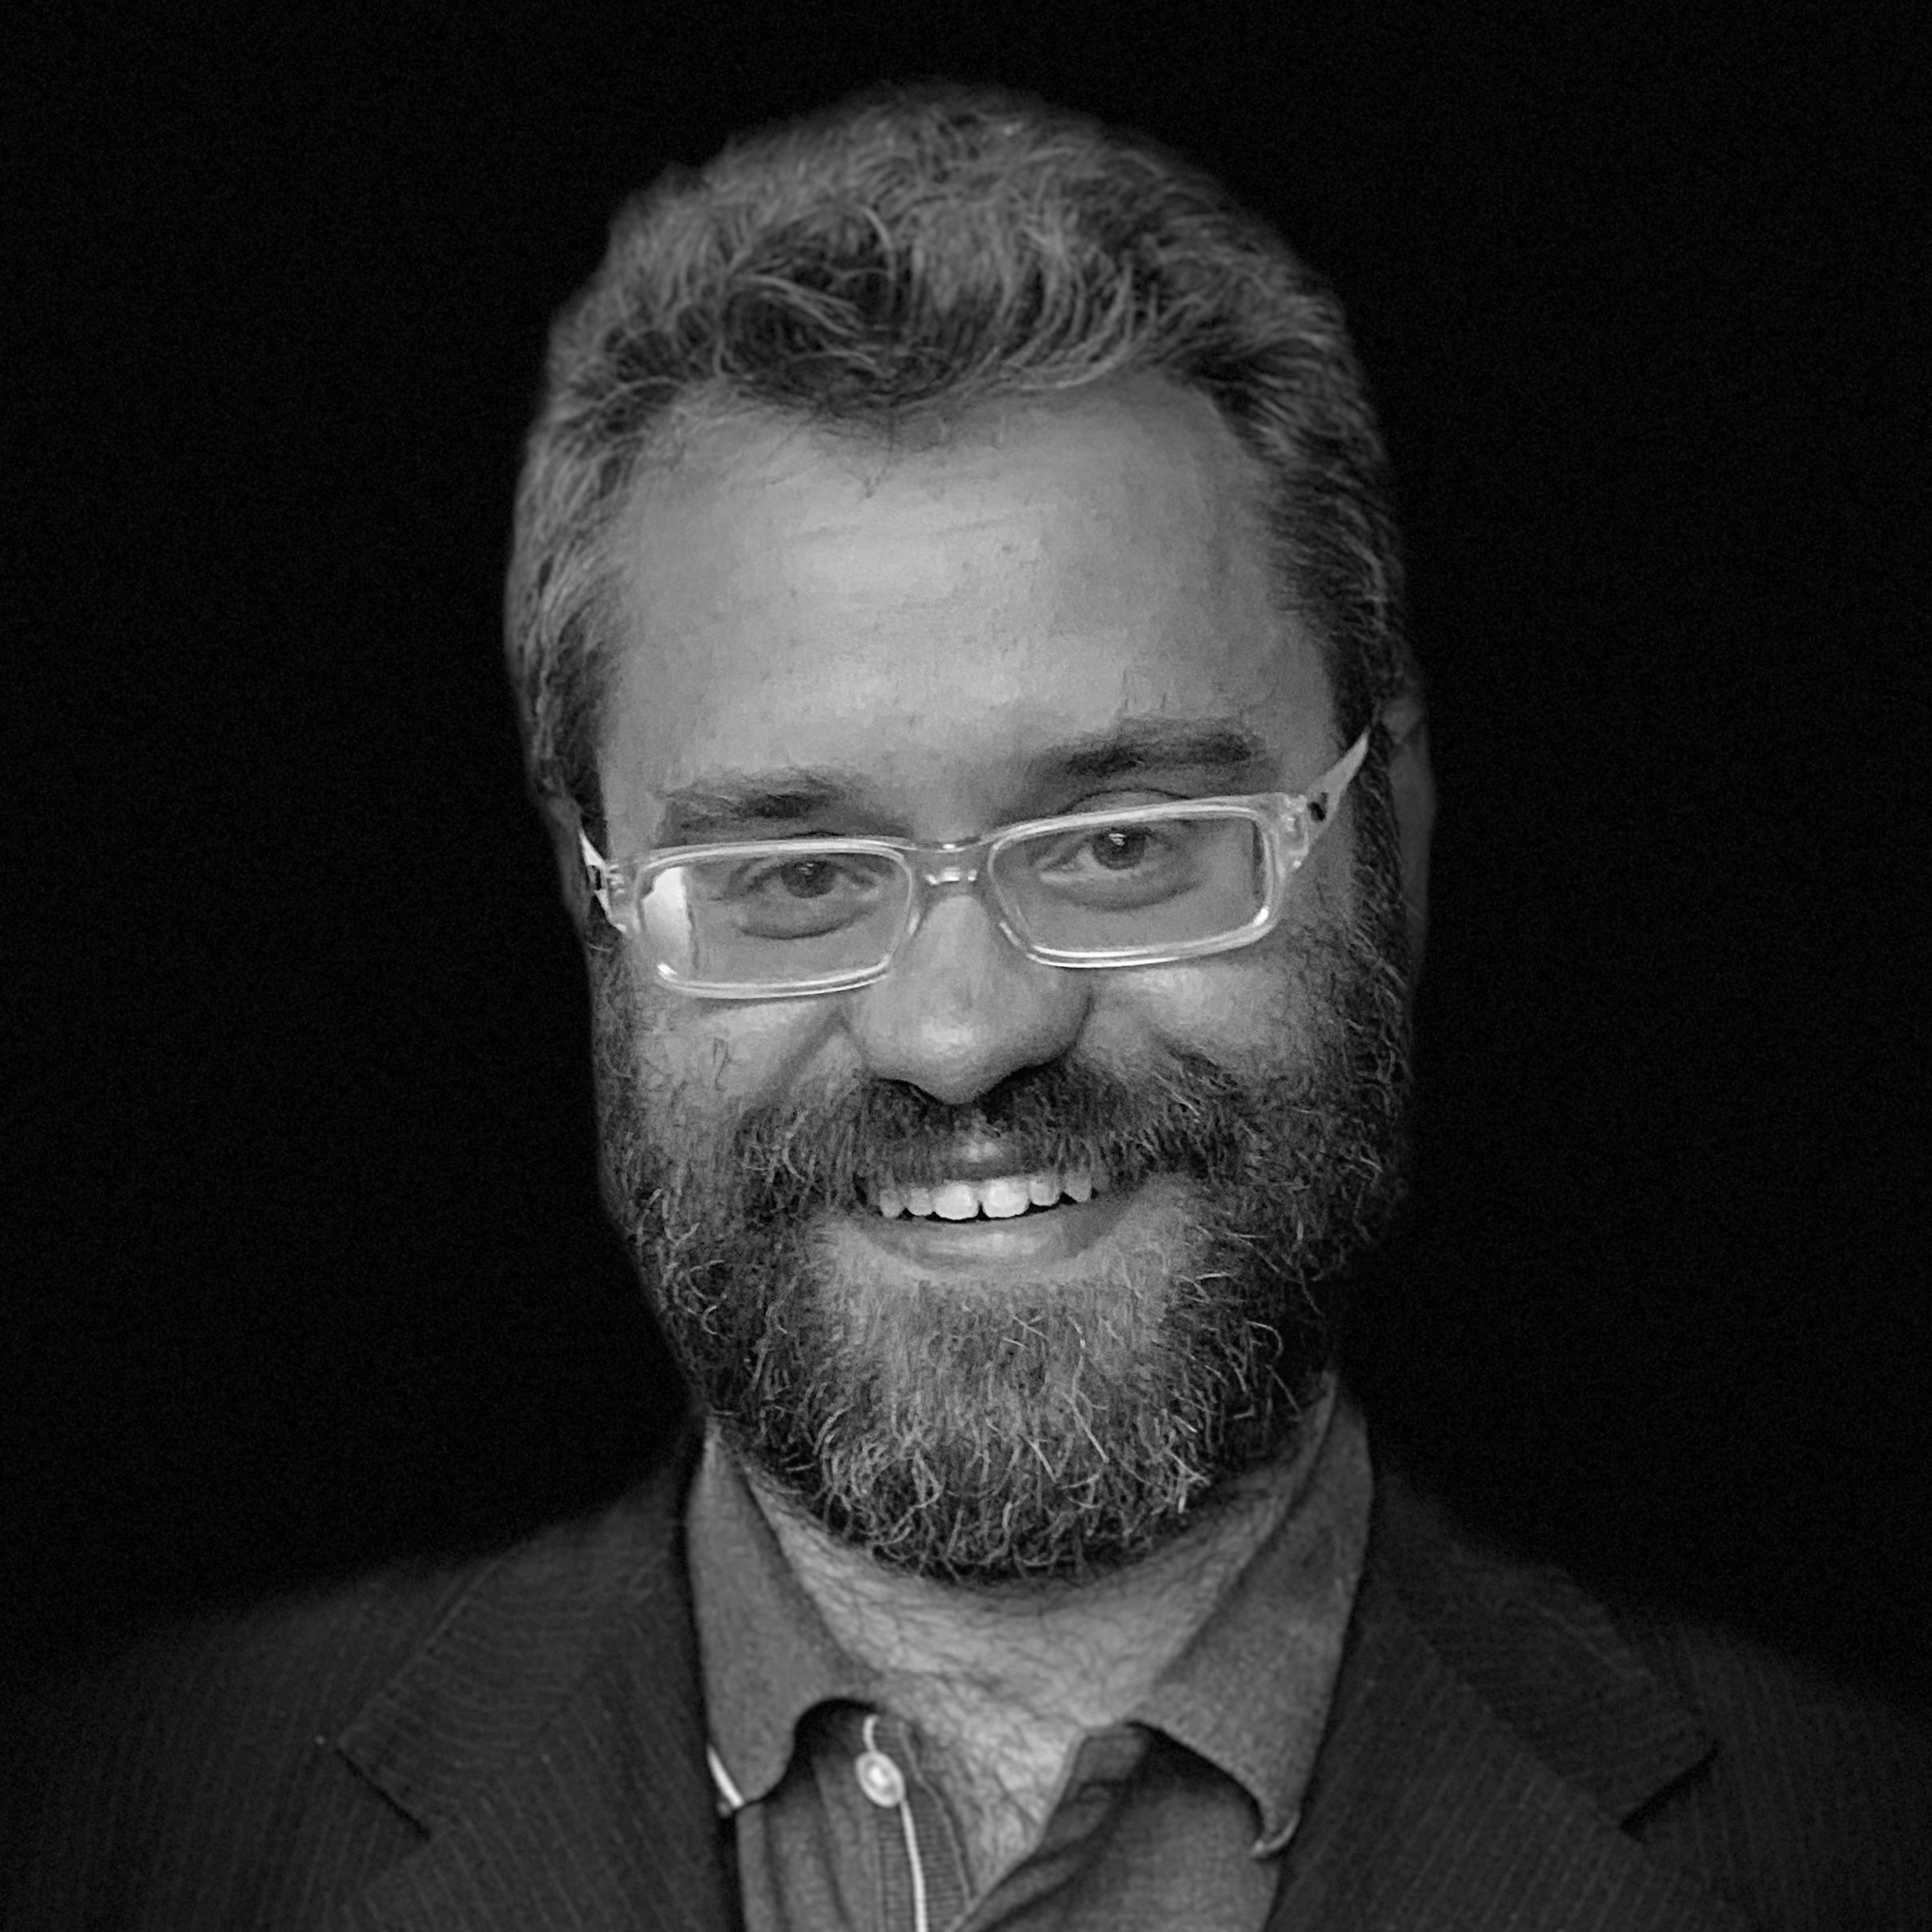 Paolo Steila